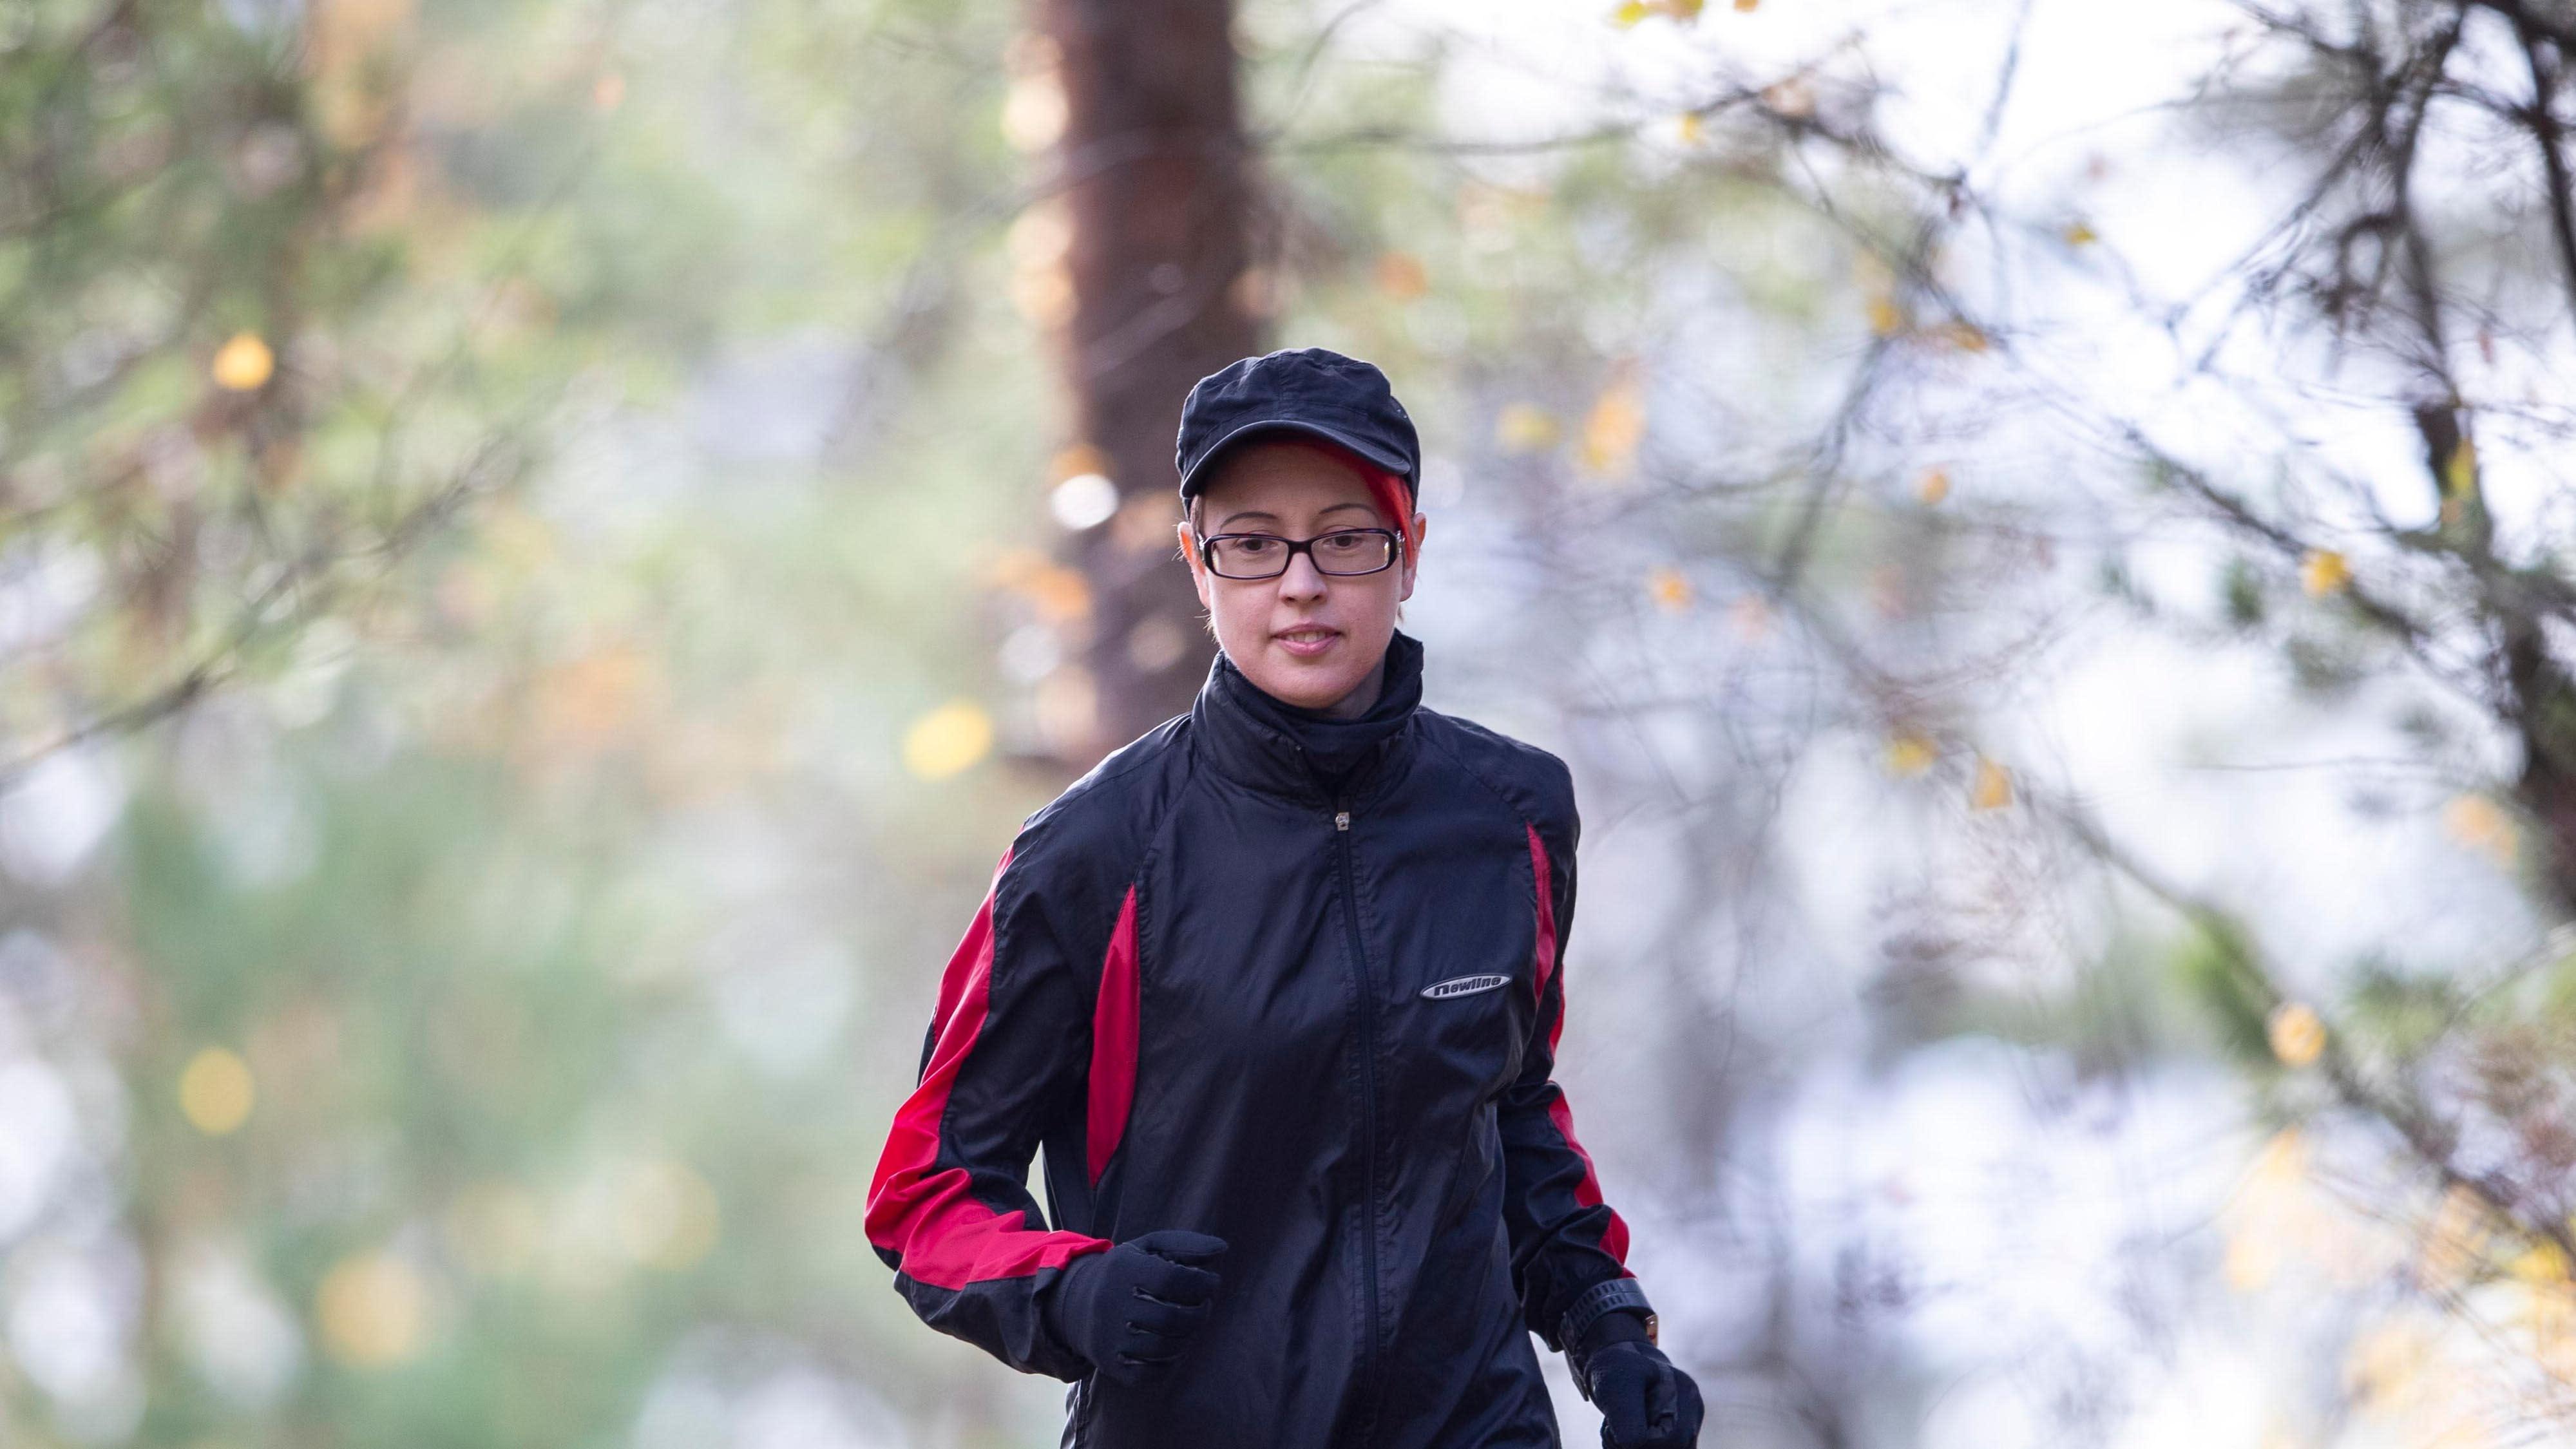 Kati Ahokas juoksee polulla